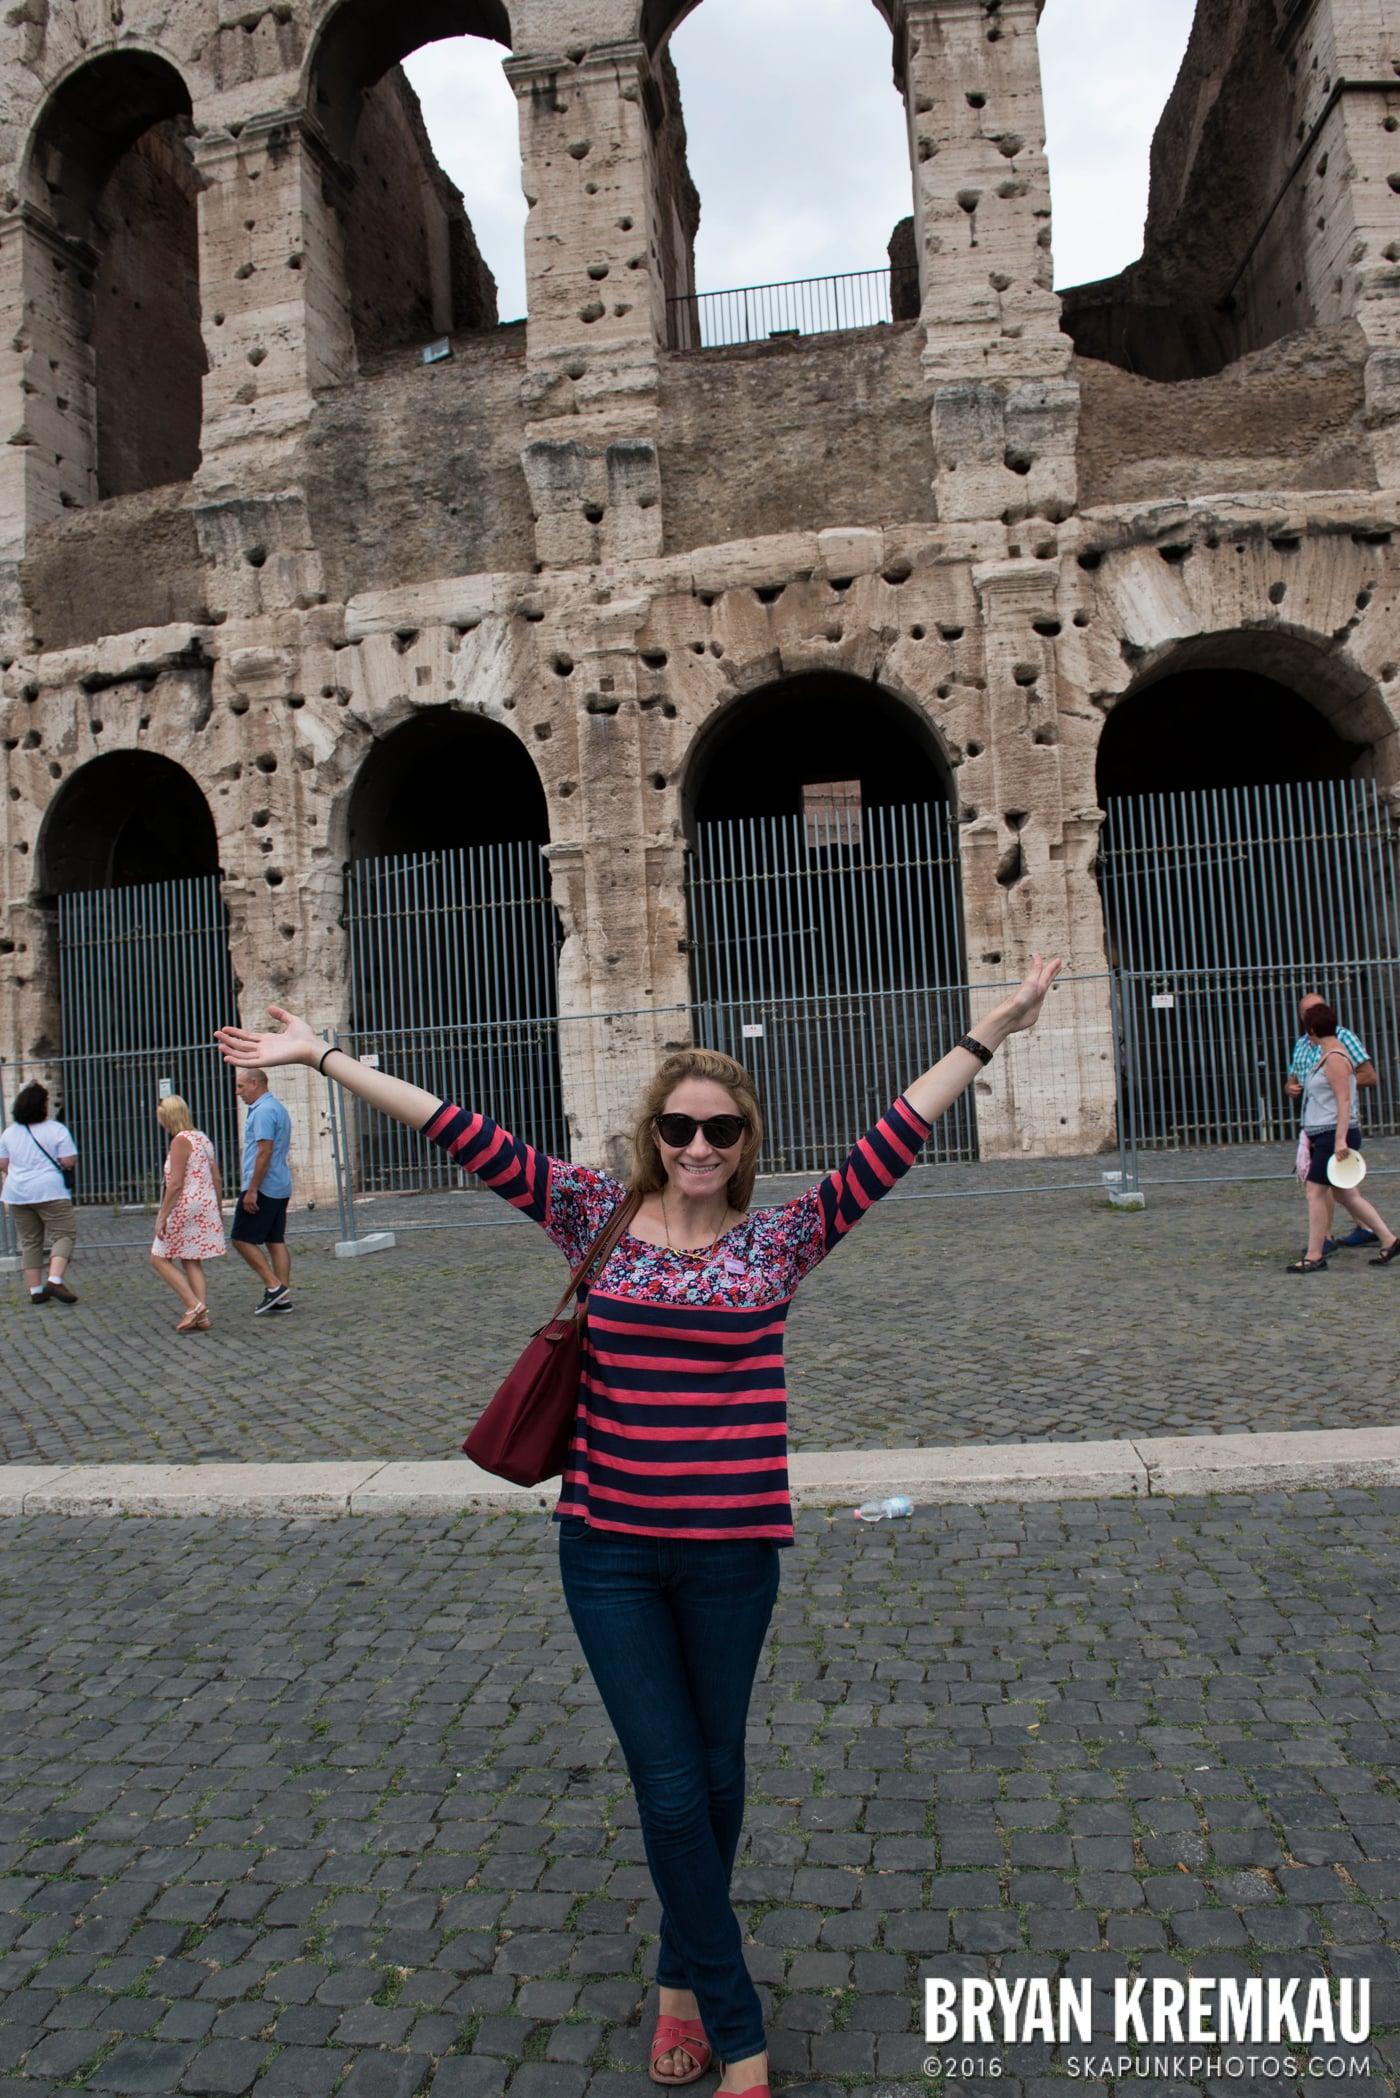 Italy Vacation - Day 2: Rome - 9.10.13 (39)